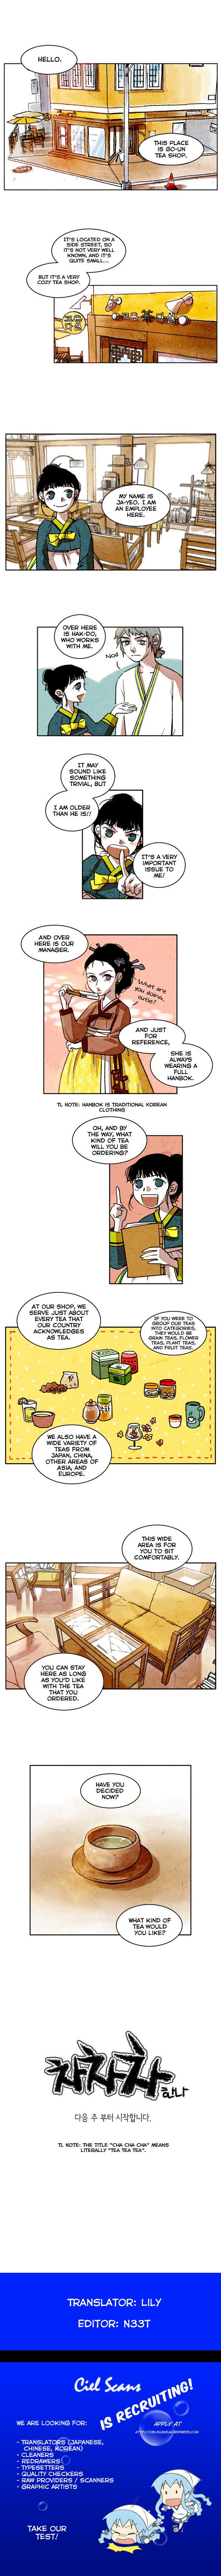 Cha Cha Cha 0 Page 1